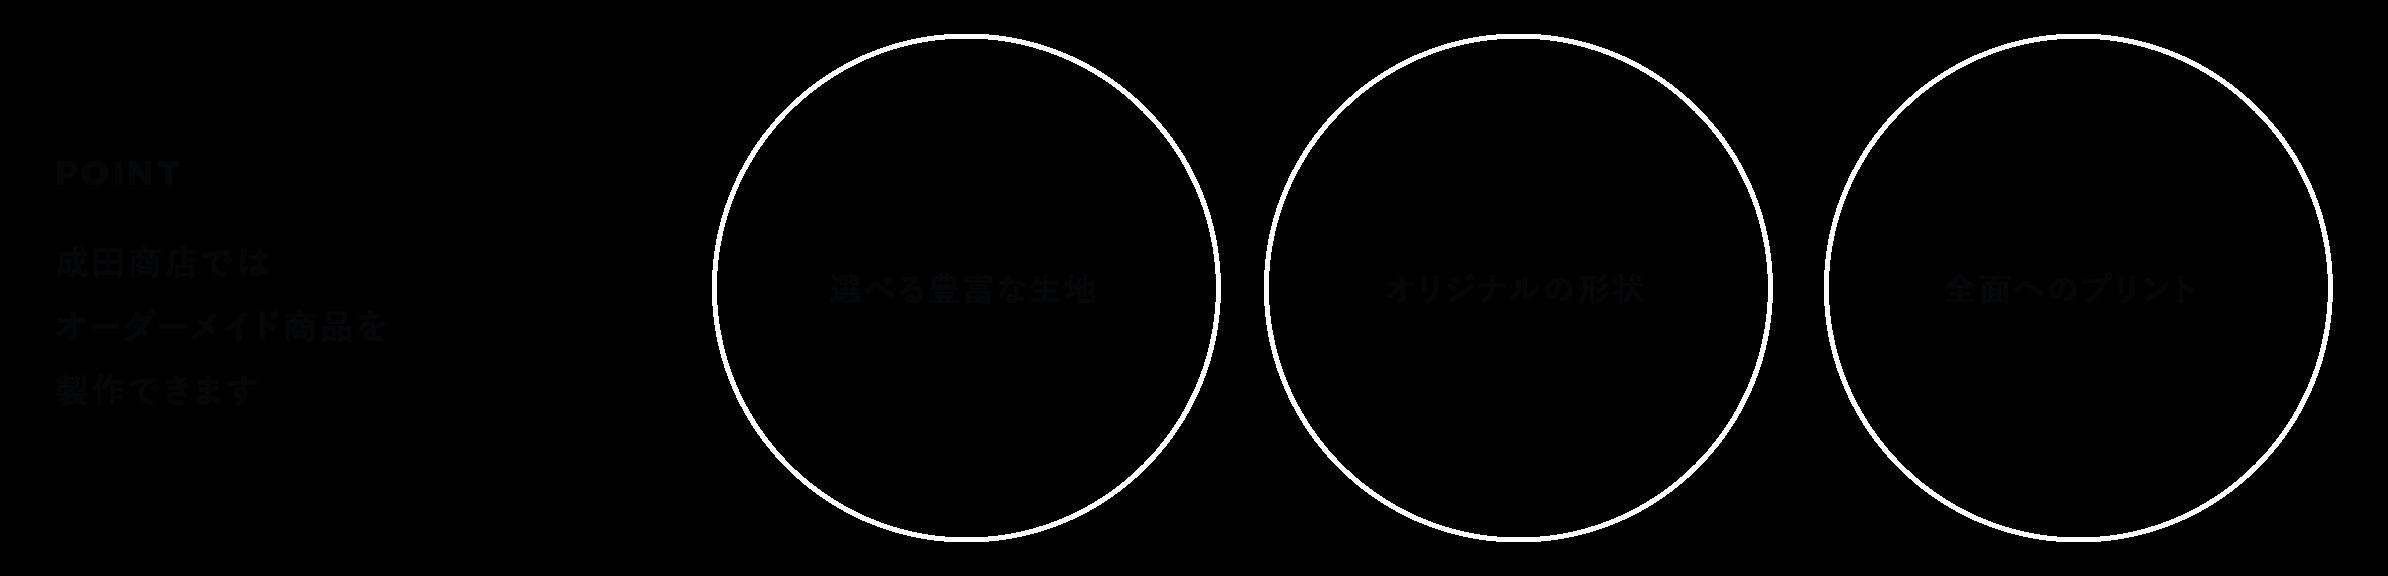 POINT成田商店ではオーダーメイド商品を製作できます 選べる豊富な生地 オリジナルの形状 全面へのプリント